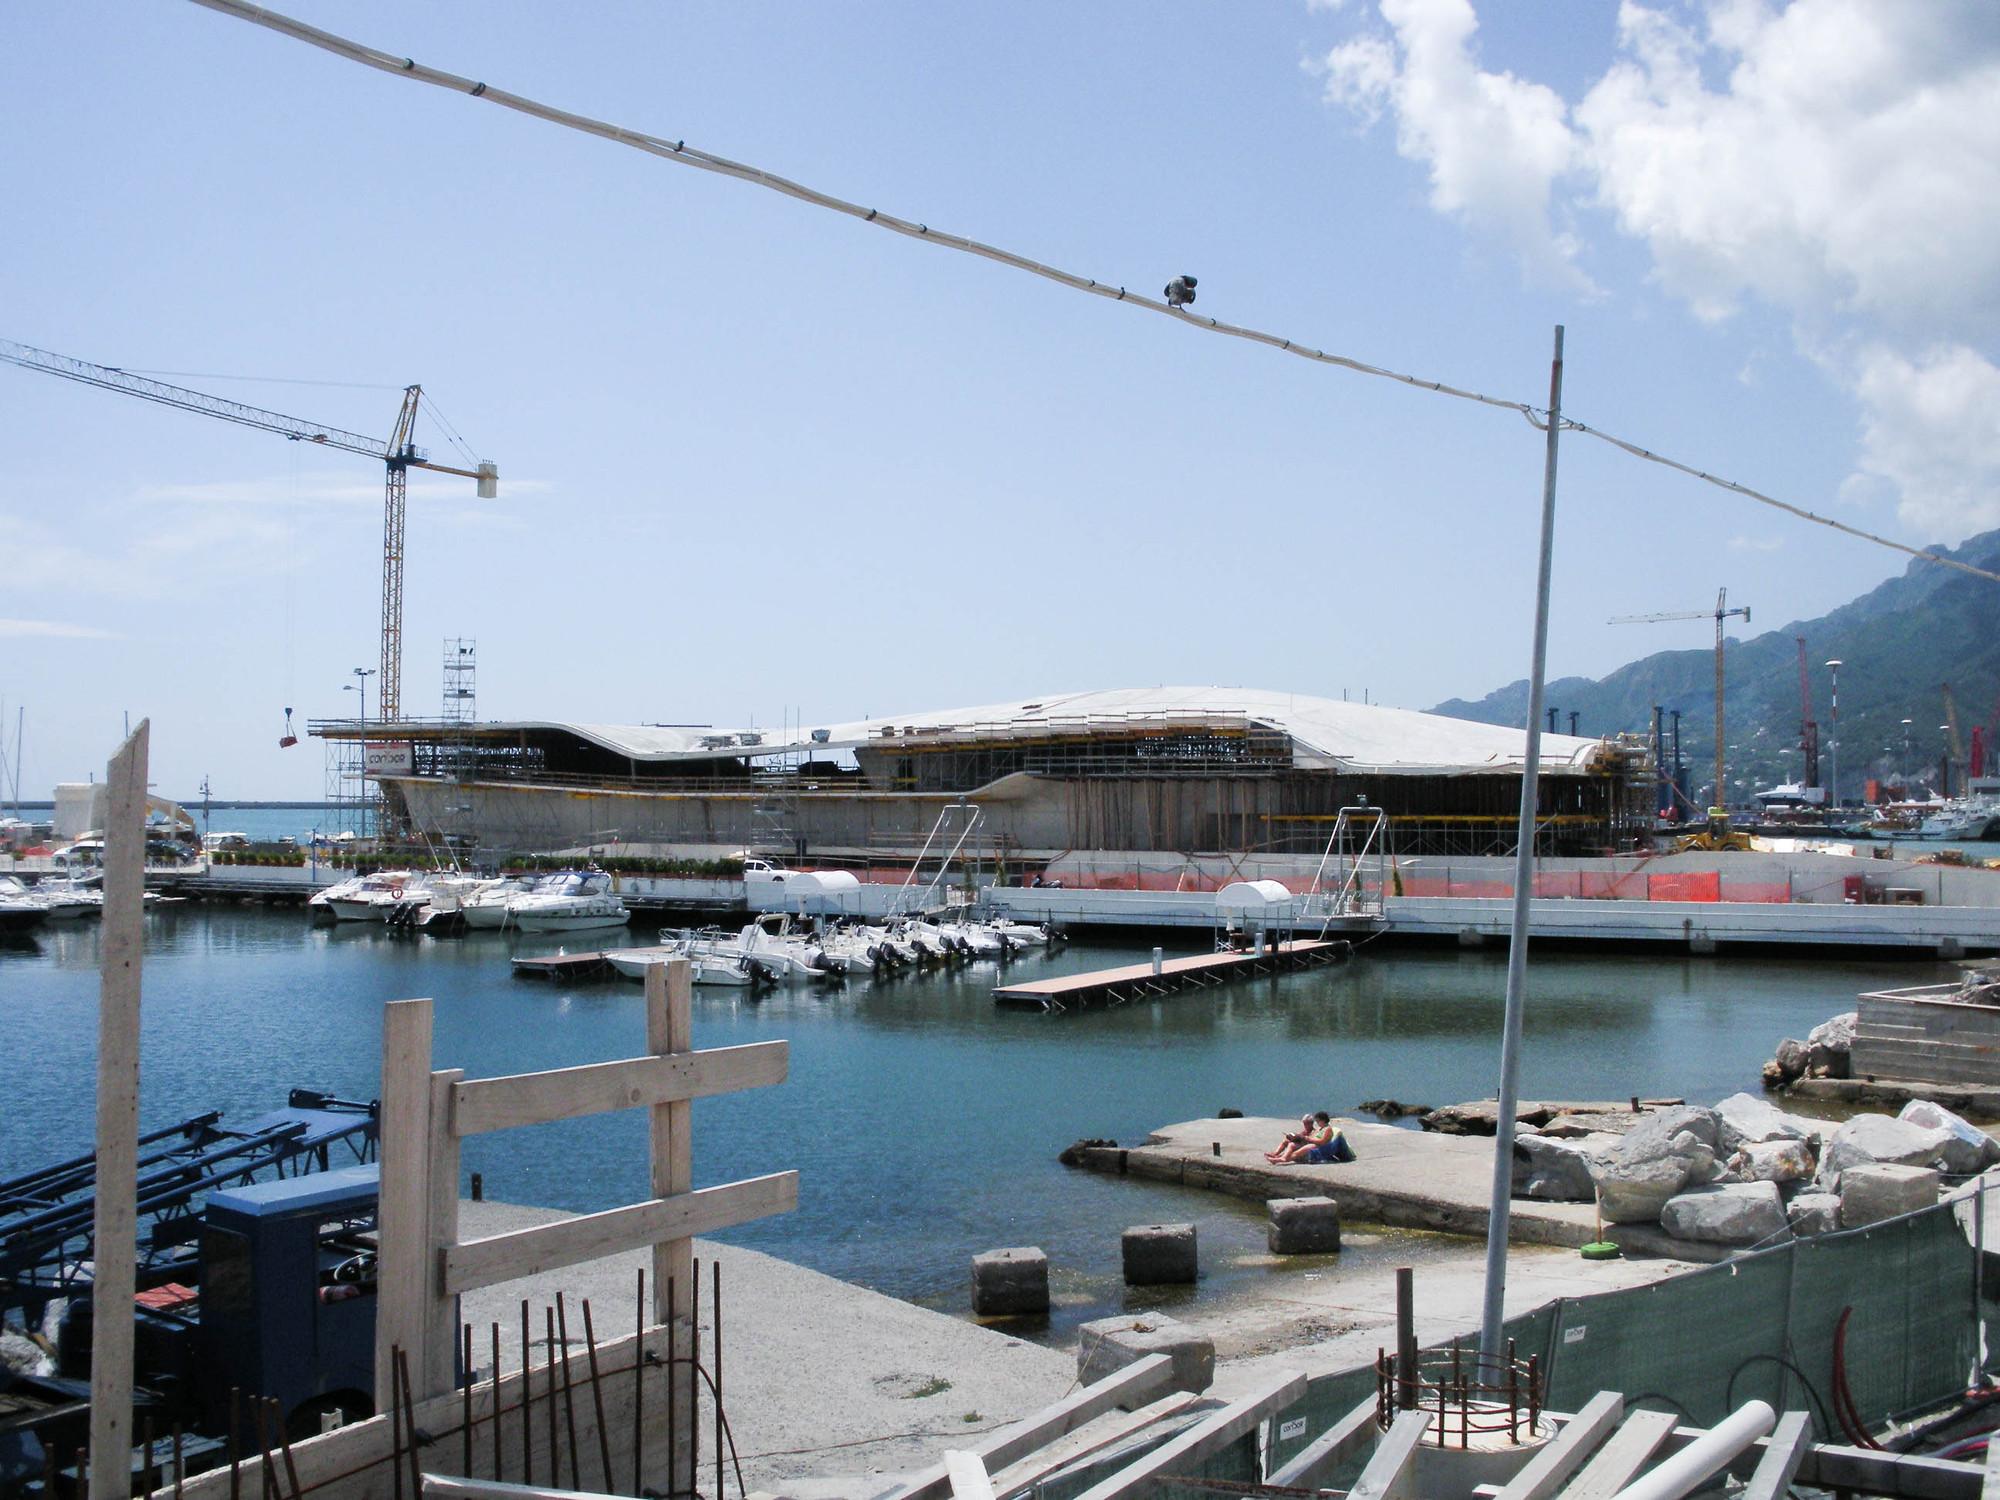 En Construcción: Terminal Marítimo Salerno / Zaha Hadid Architects, © Pablo Ochoa